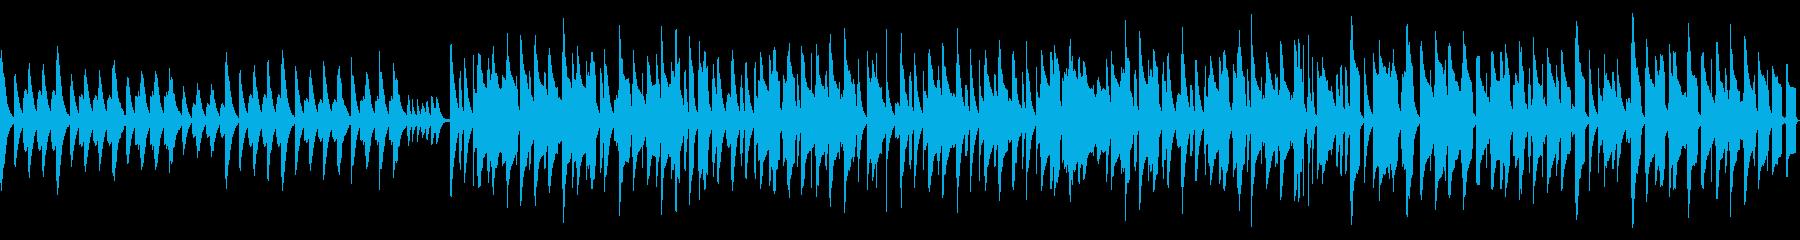 ピタゴラスイッチ風ほのぼのリコーダー曲の再生済みの波形